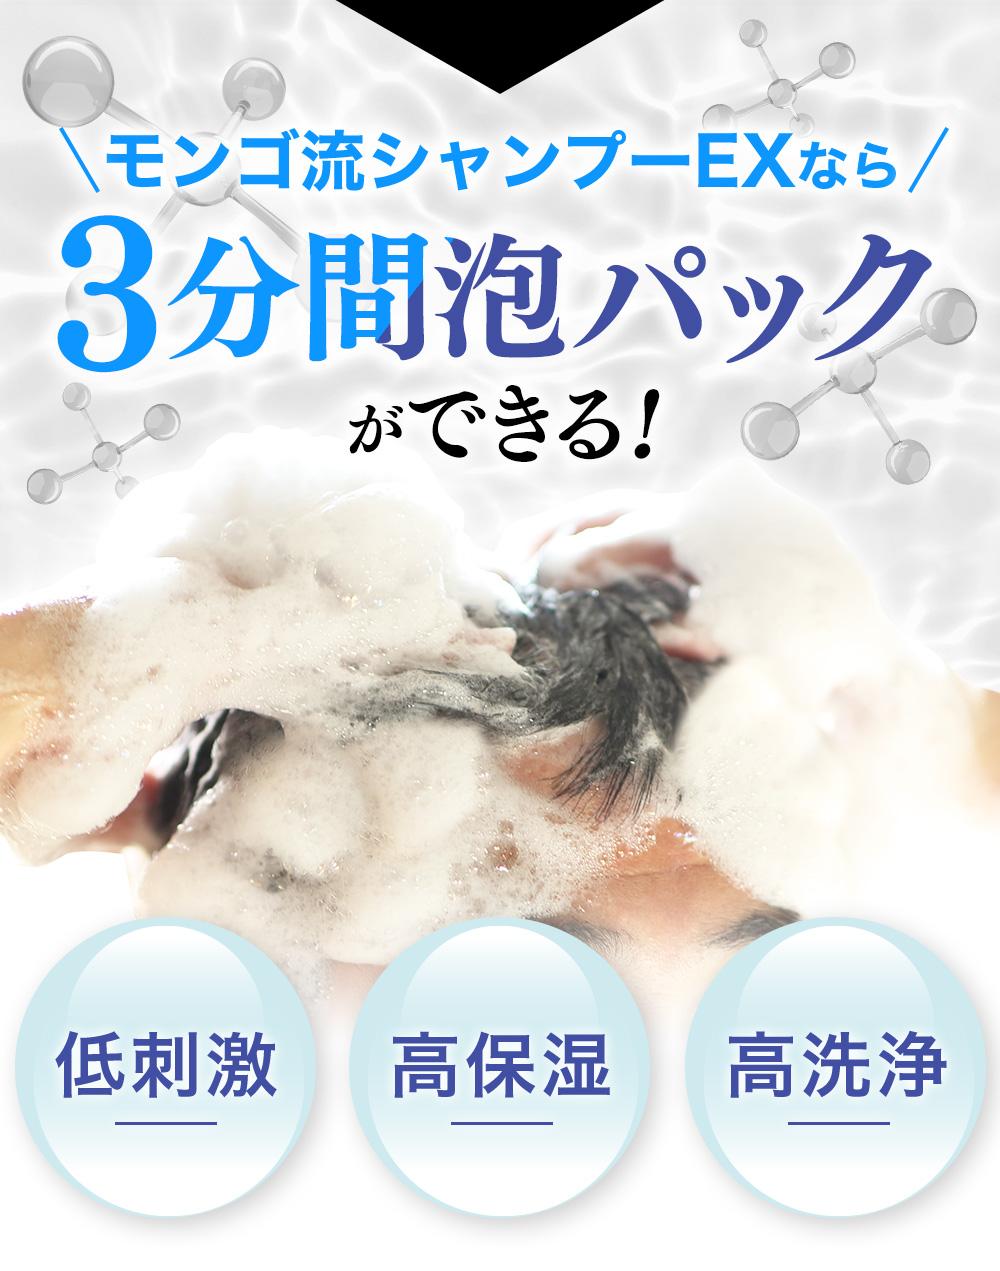 モンゴ流シャンプーEXなら3分間泡パックができる!